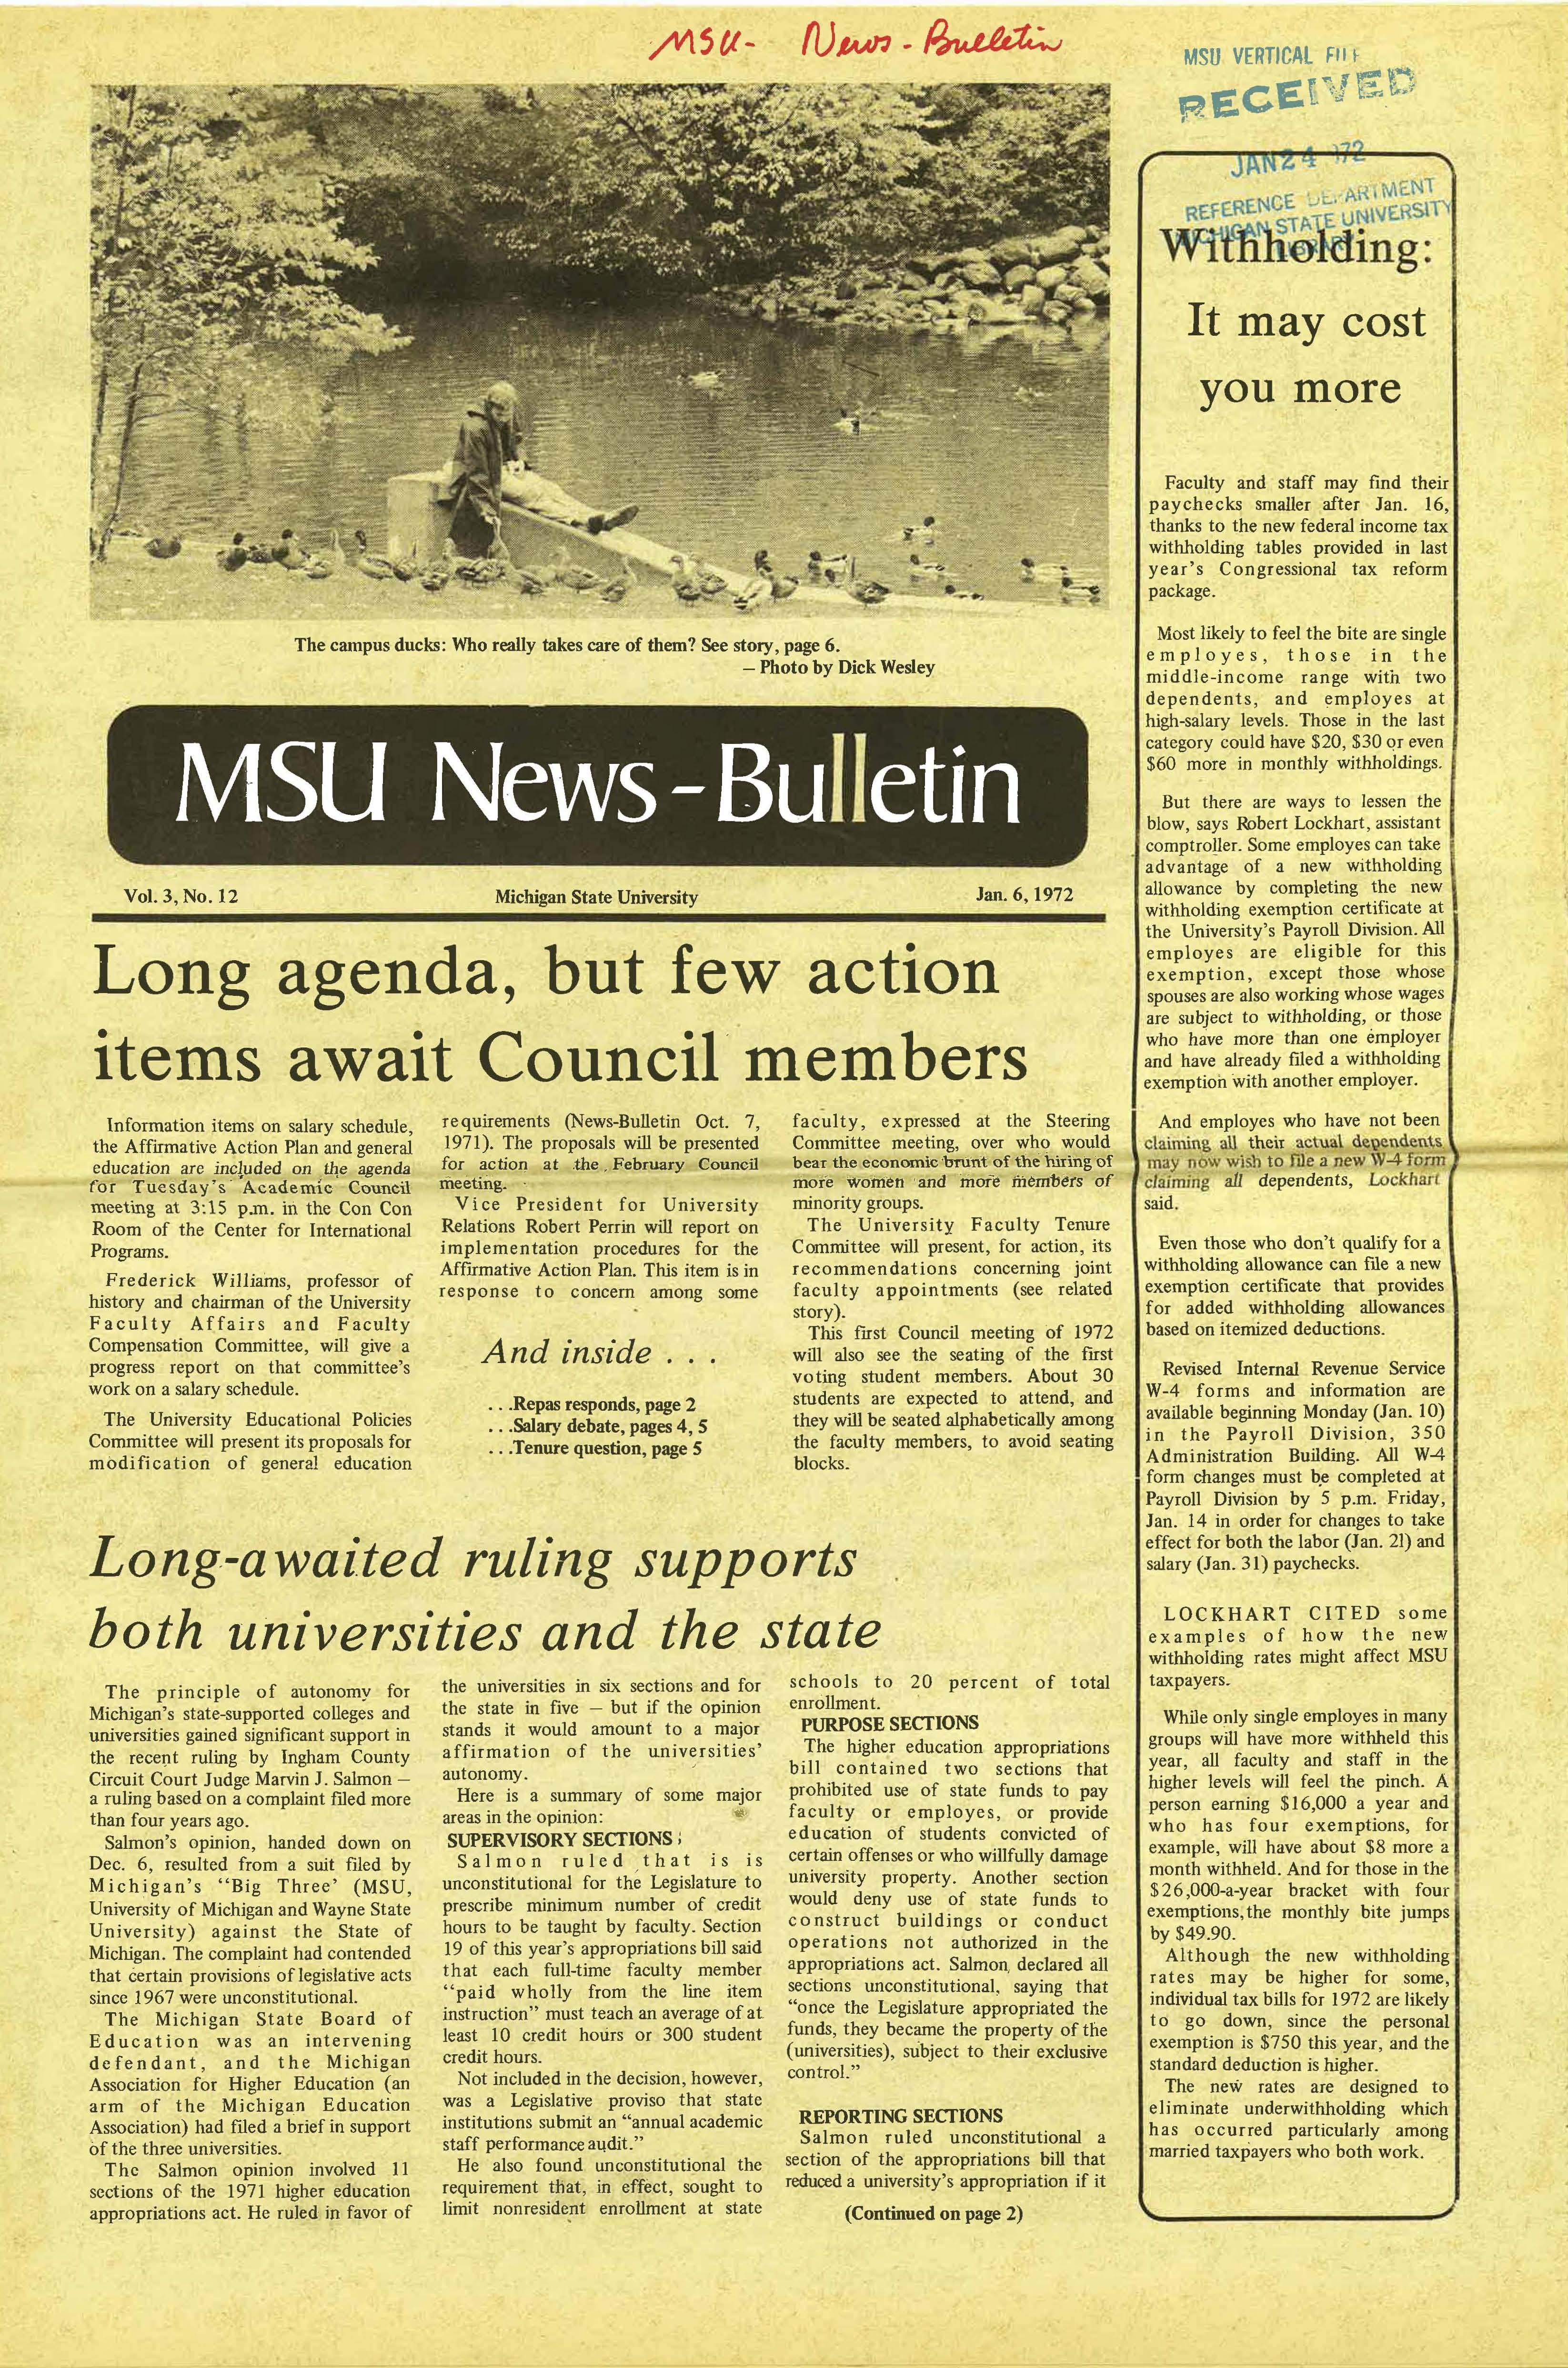 MSU News Bulletin, vol. 3, No. 26, April 27, 1972